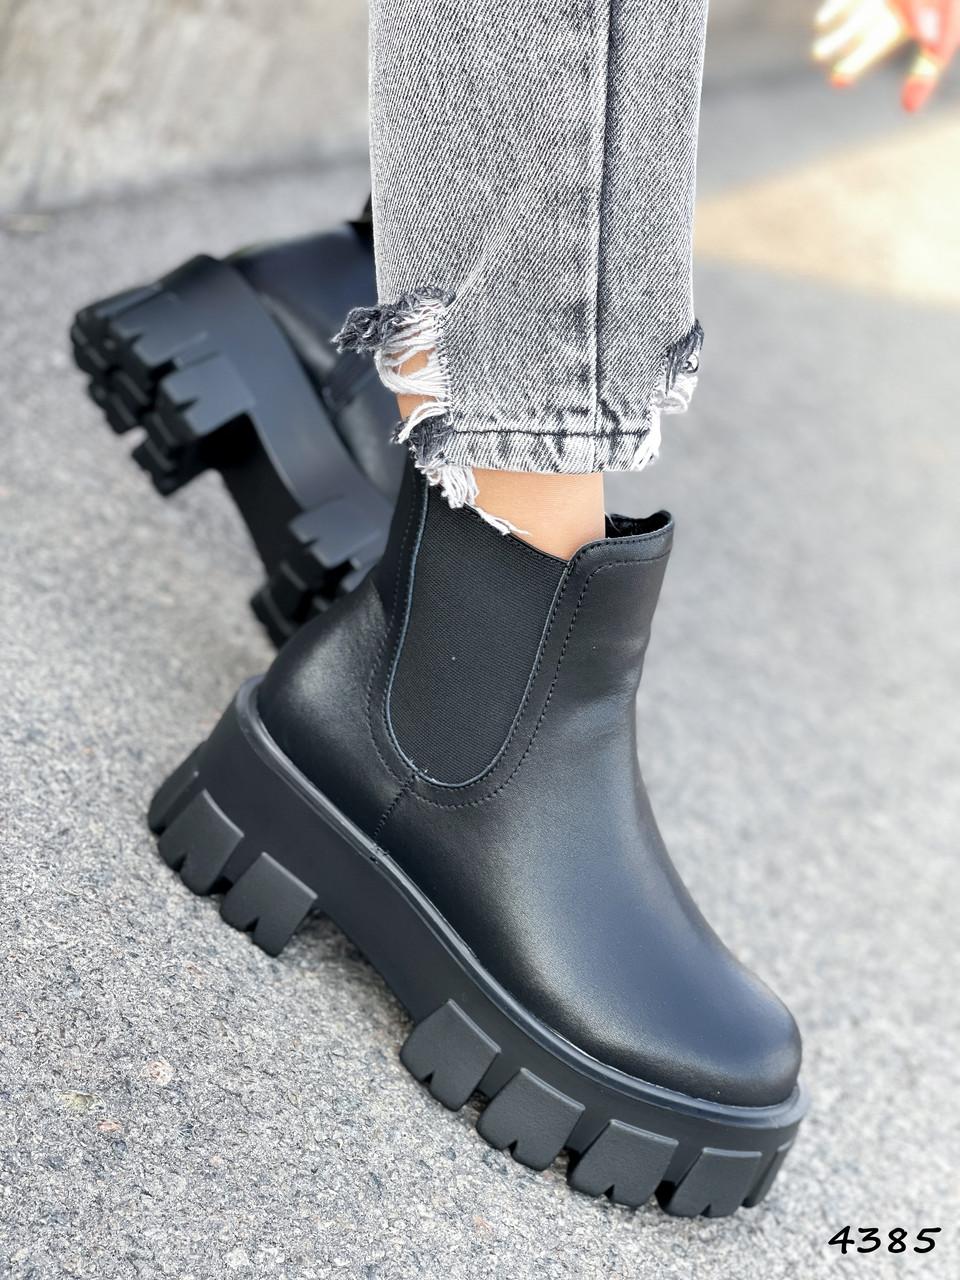 Ботинки женские Caroll черные 4385 ДЕМИ